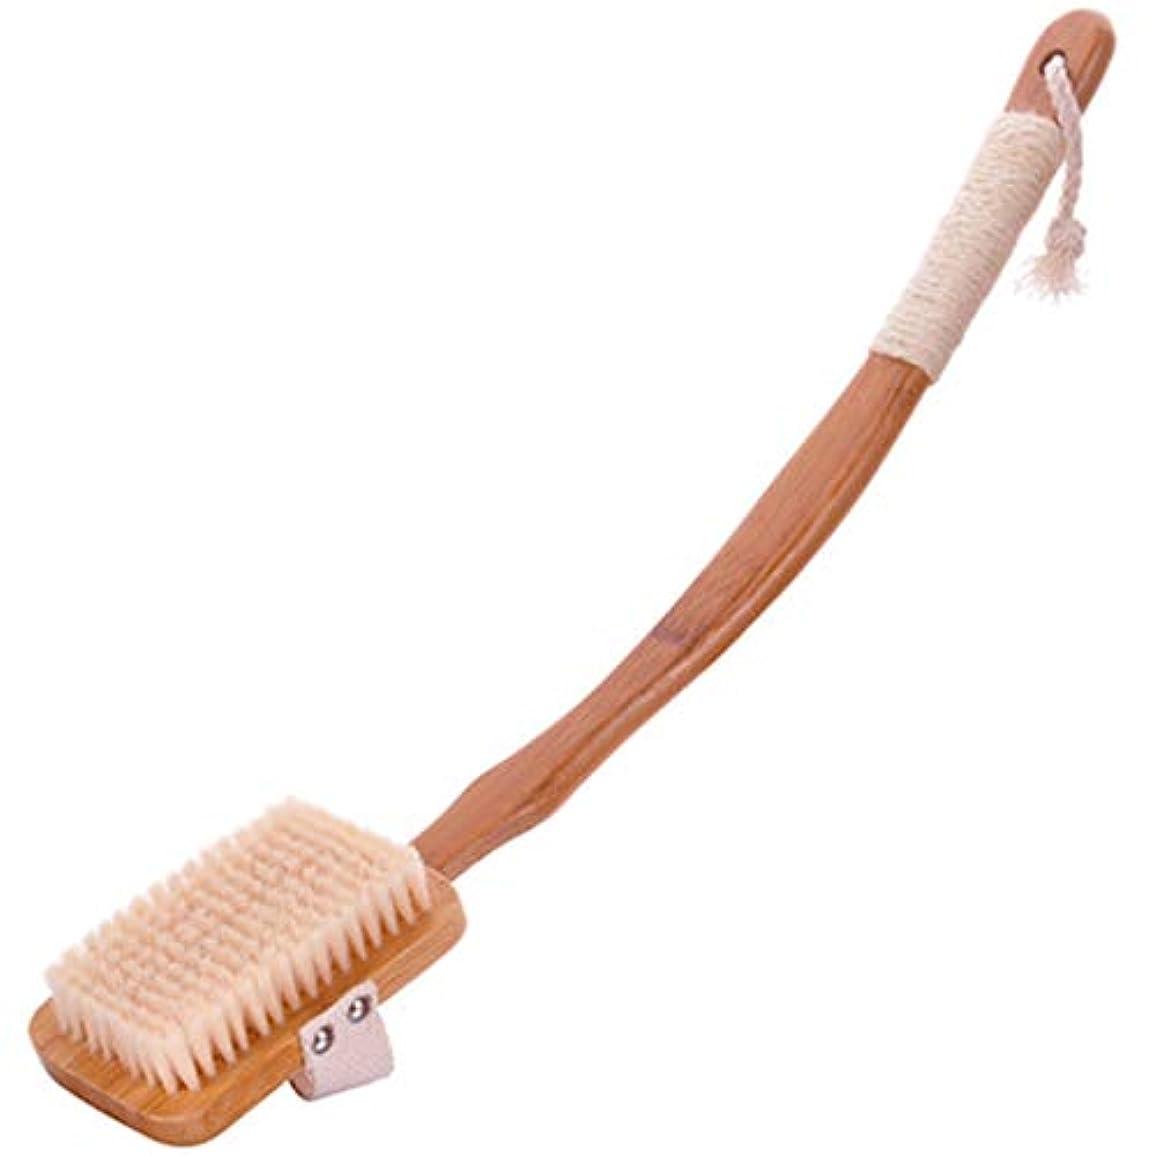 スプレーの前でトークンバスブラシバックブラシロングハンドルやわらかい毛髪バスブラシバスブラシ角質除去クリーニングブラシ (Color : Wood color)